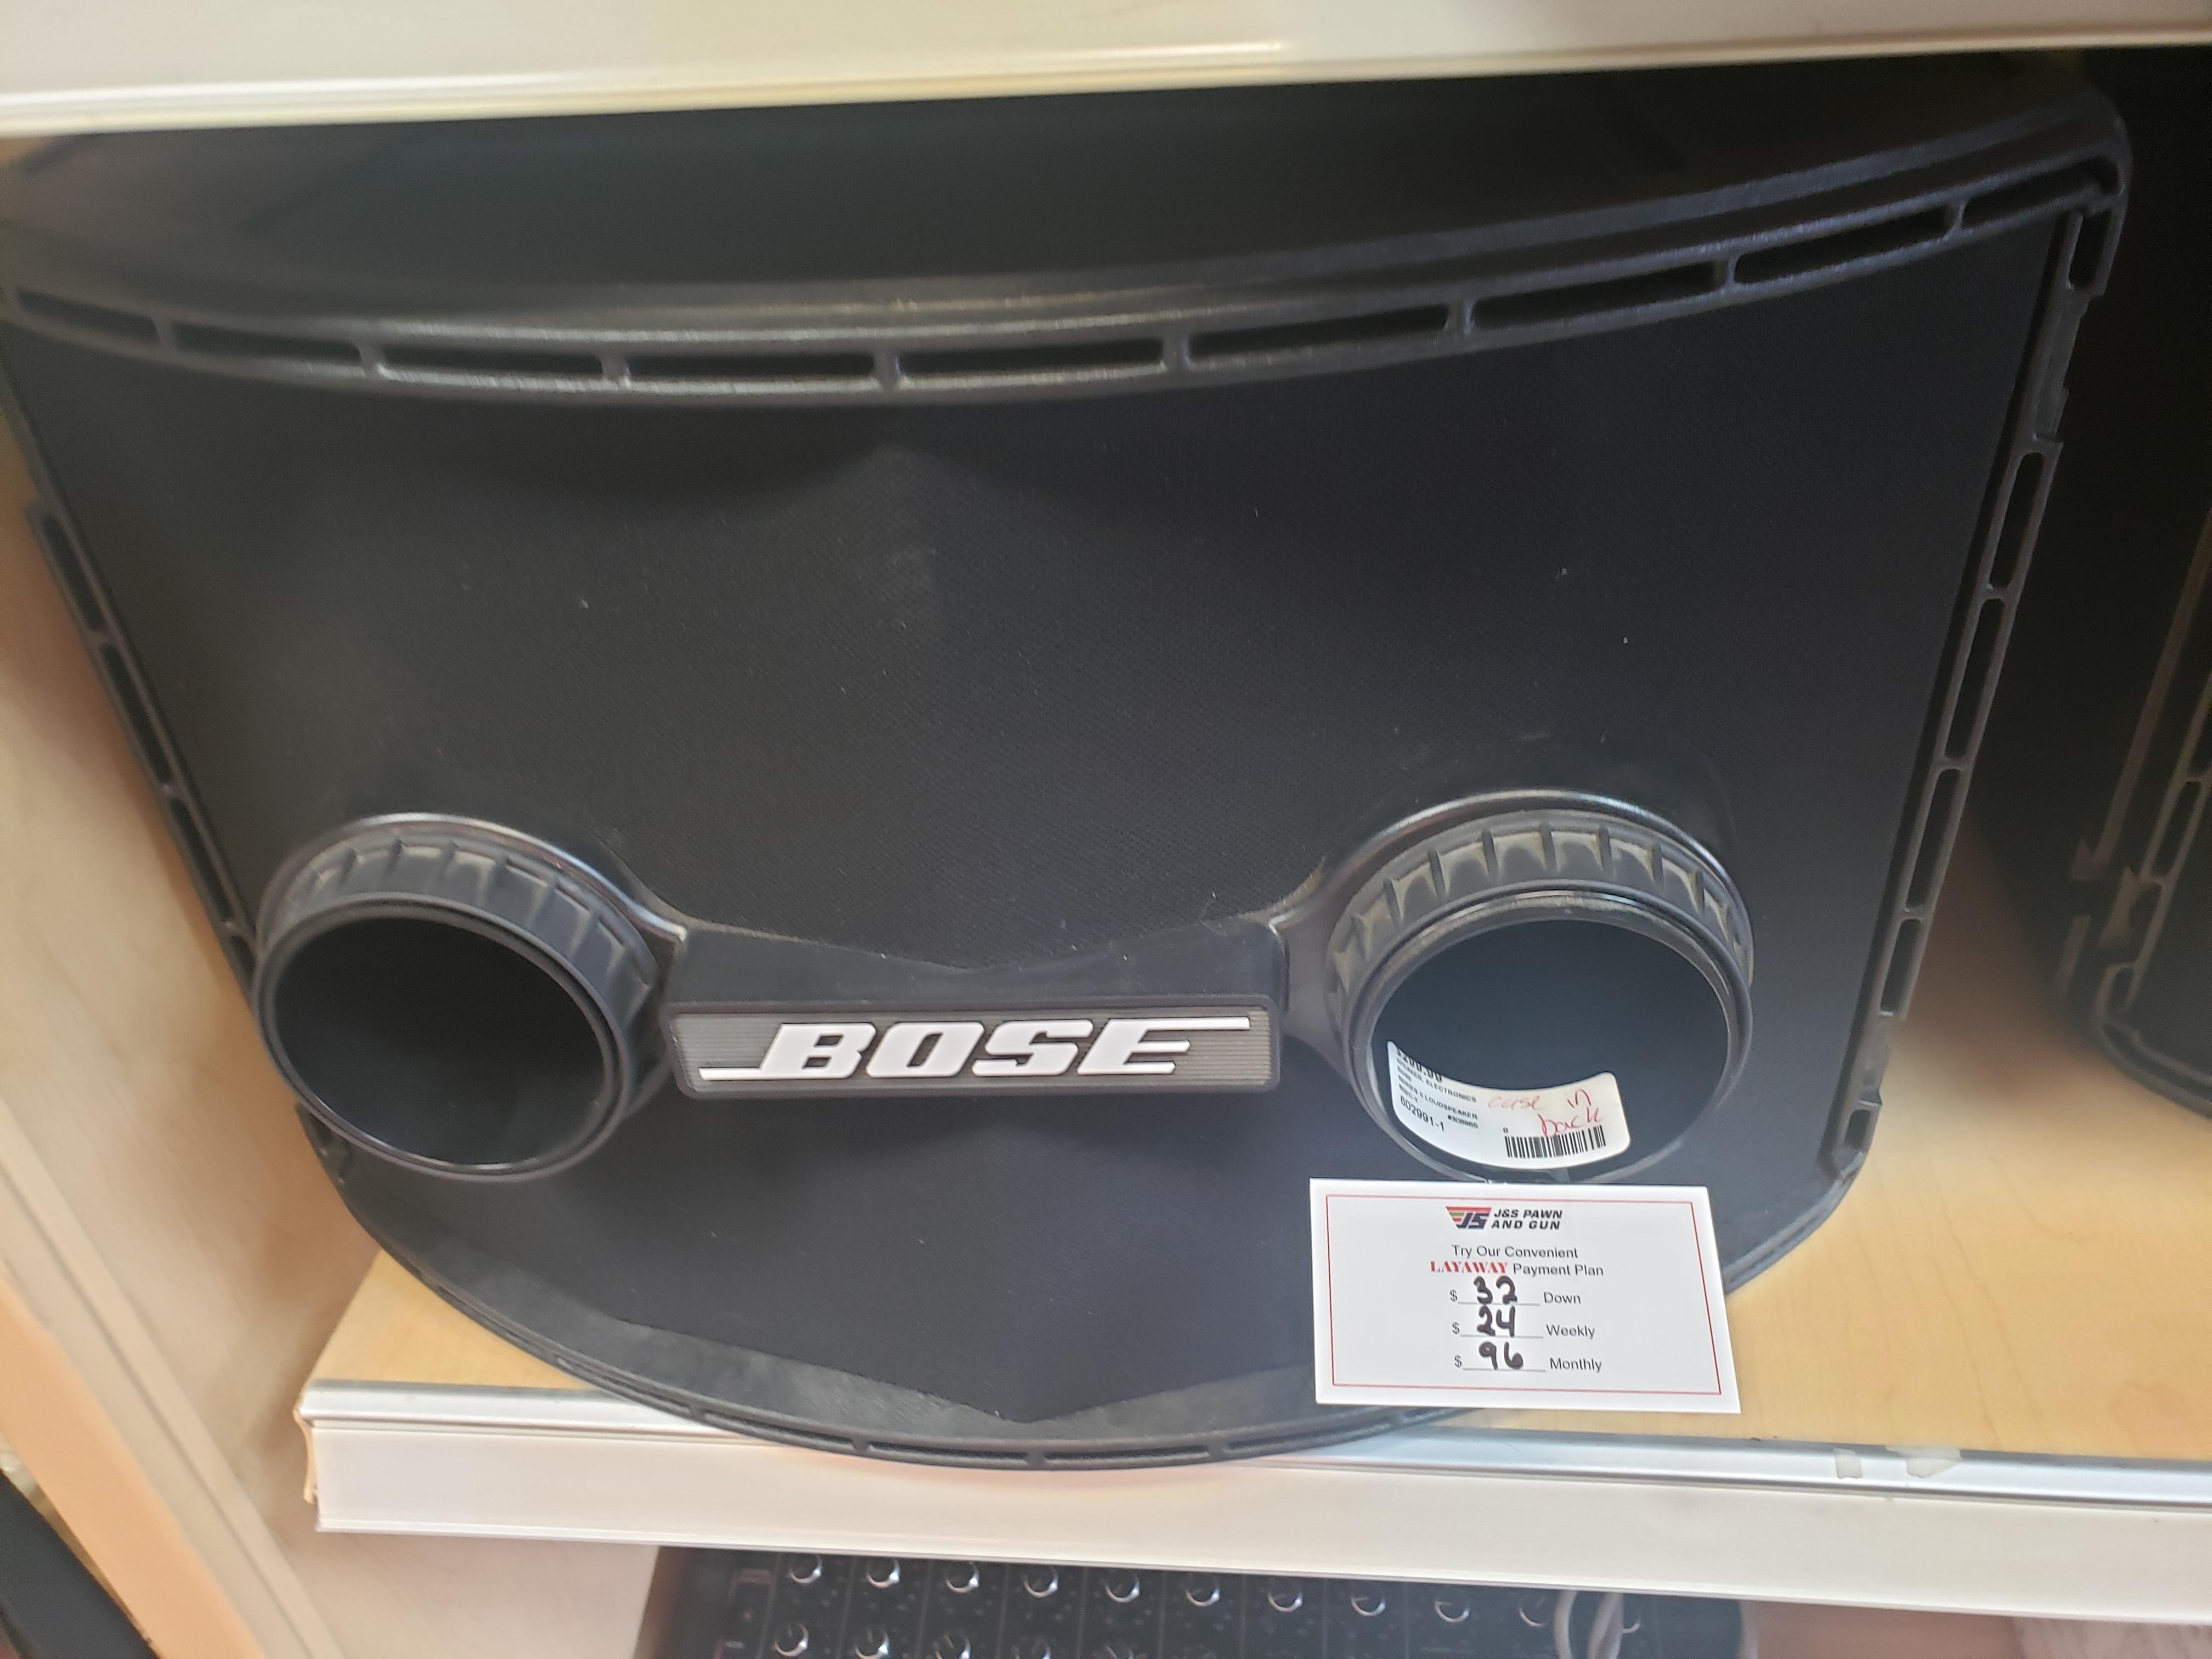 BOSE - 802C-II - SERIES II LOUDSPEAKER